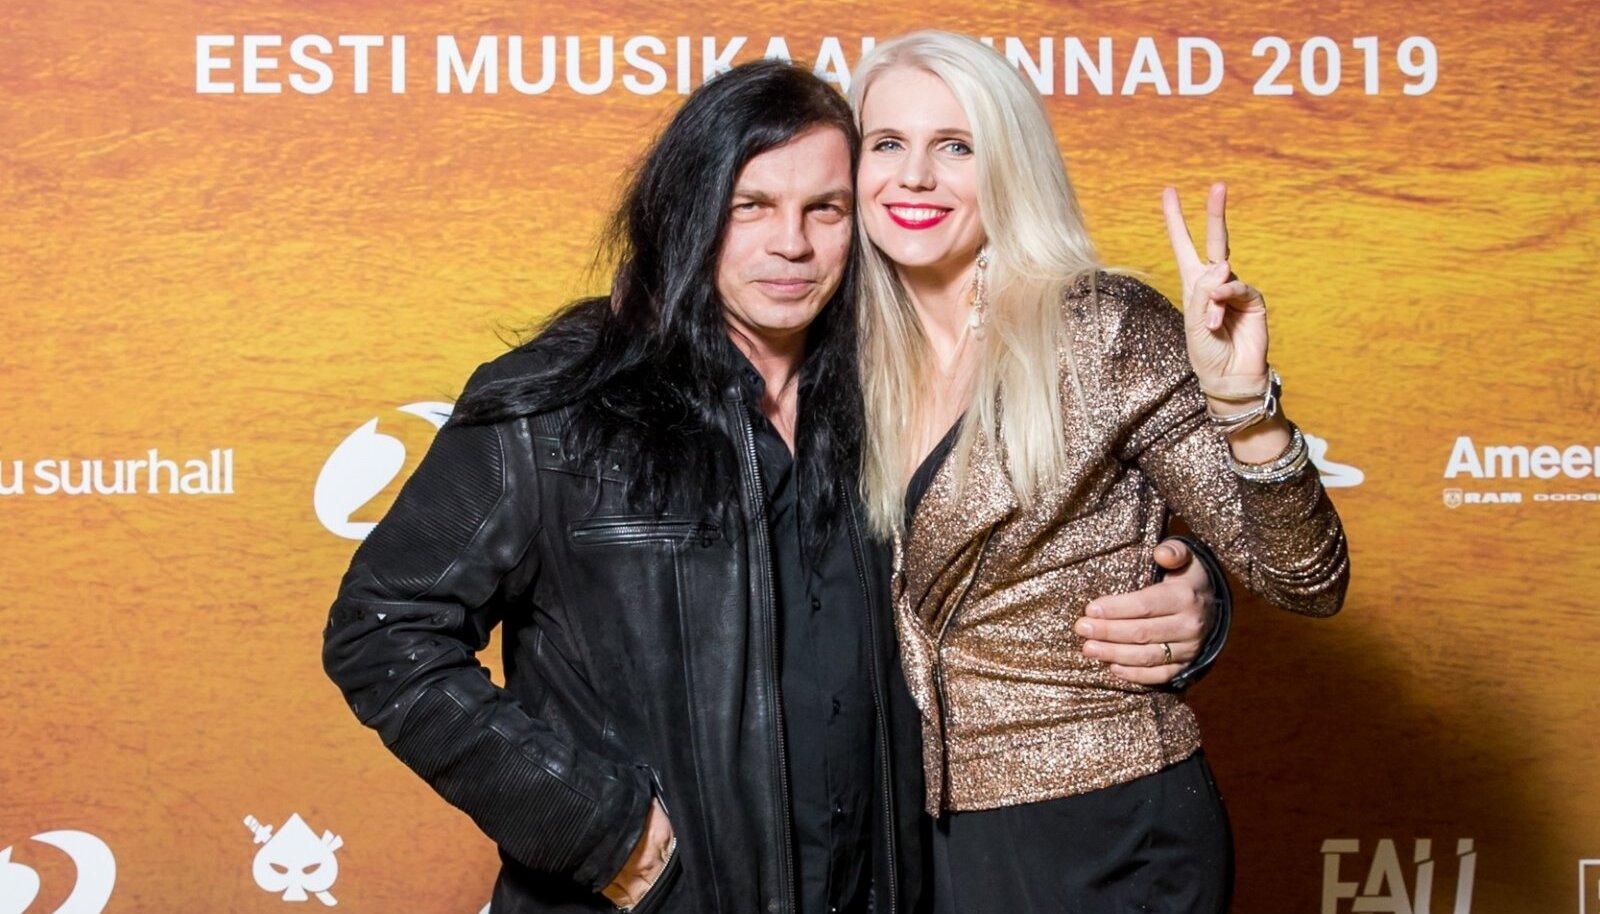 Eesti Muusikaauhinnad 2019, EMA2019